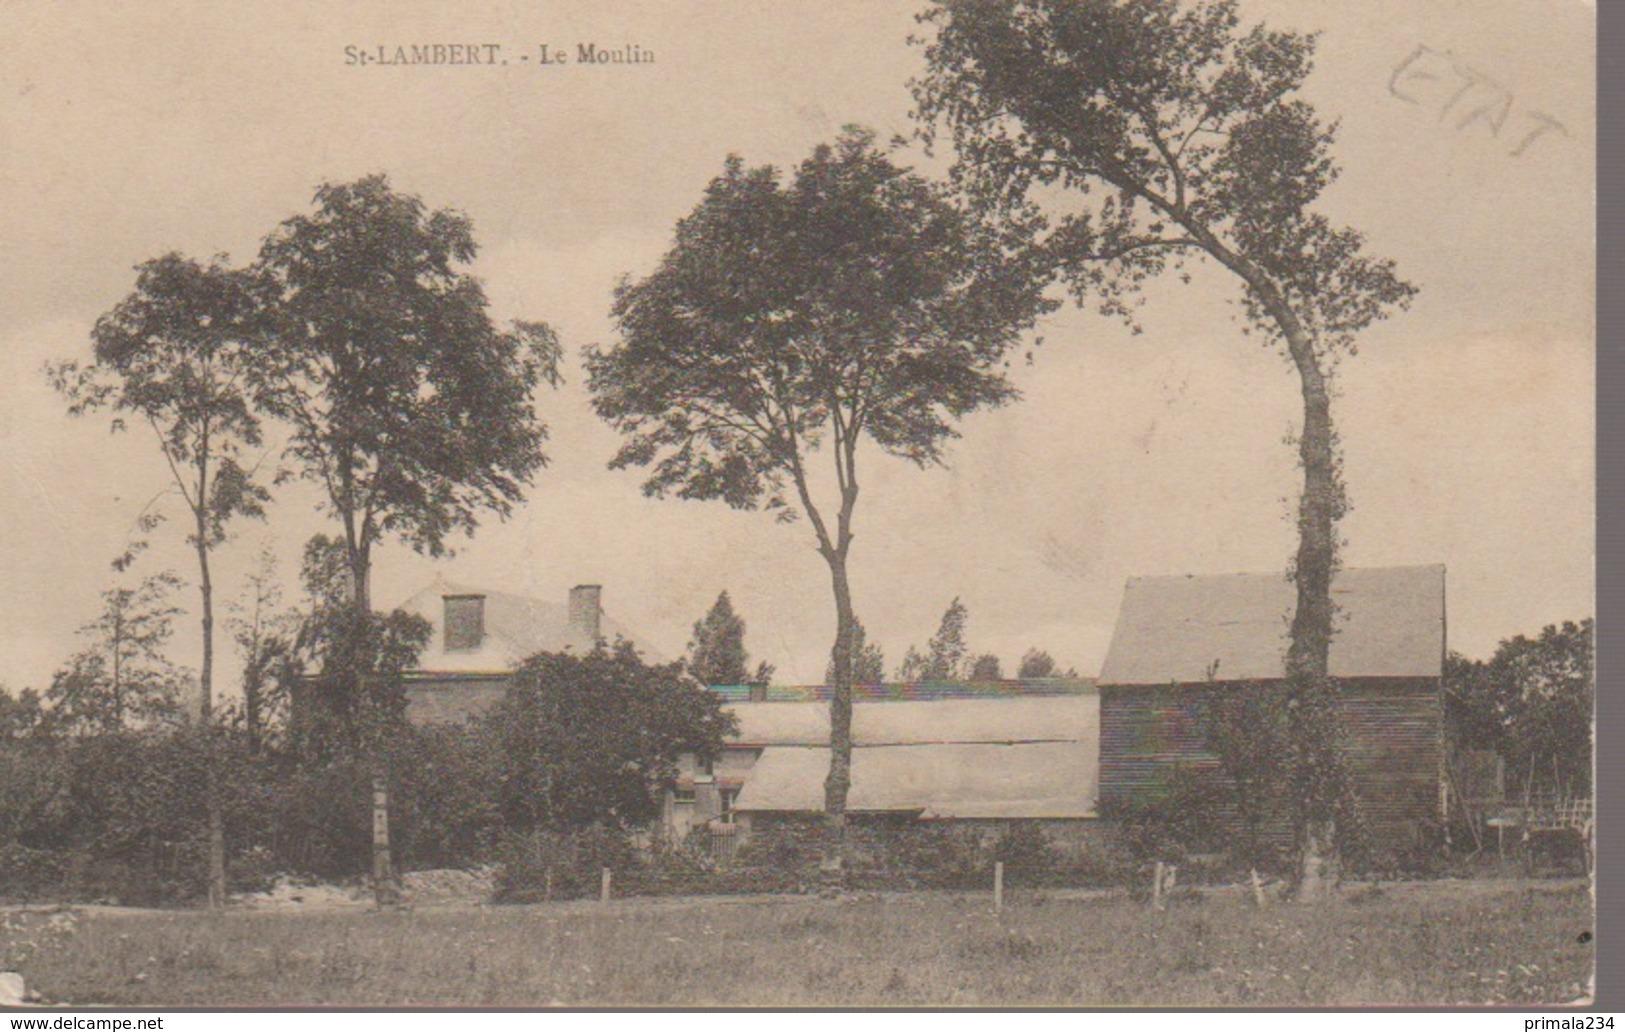 SAINT LAMBERT - LE MOULIN - France